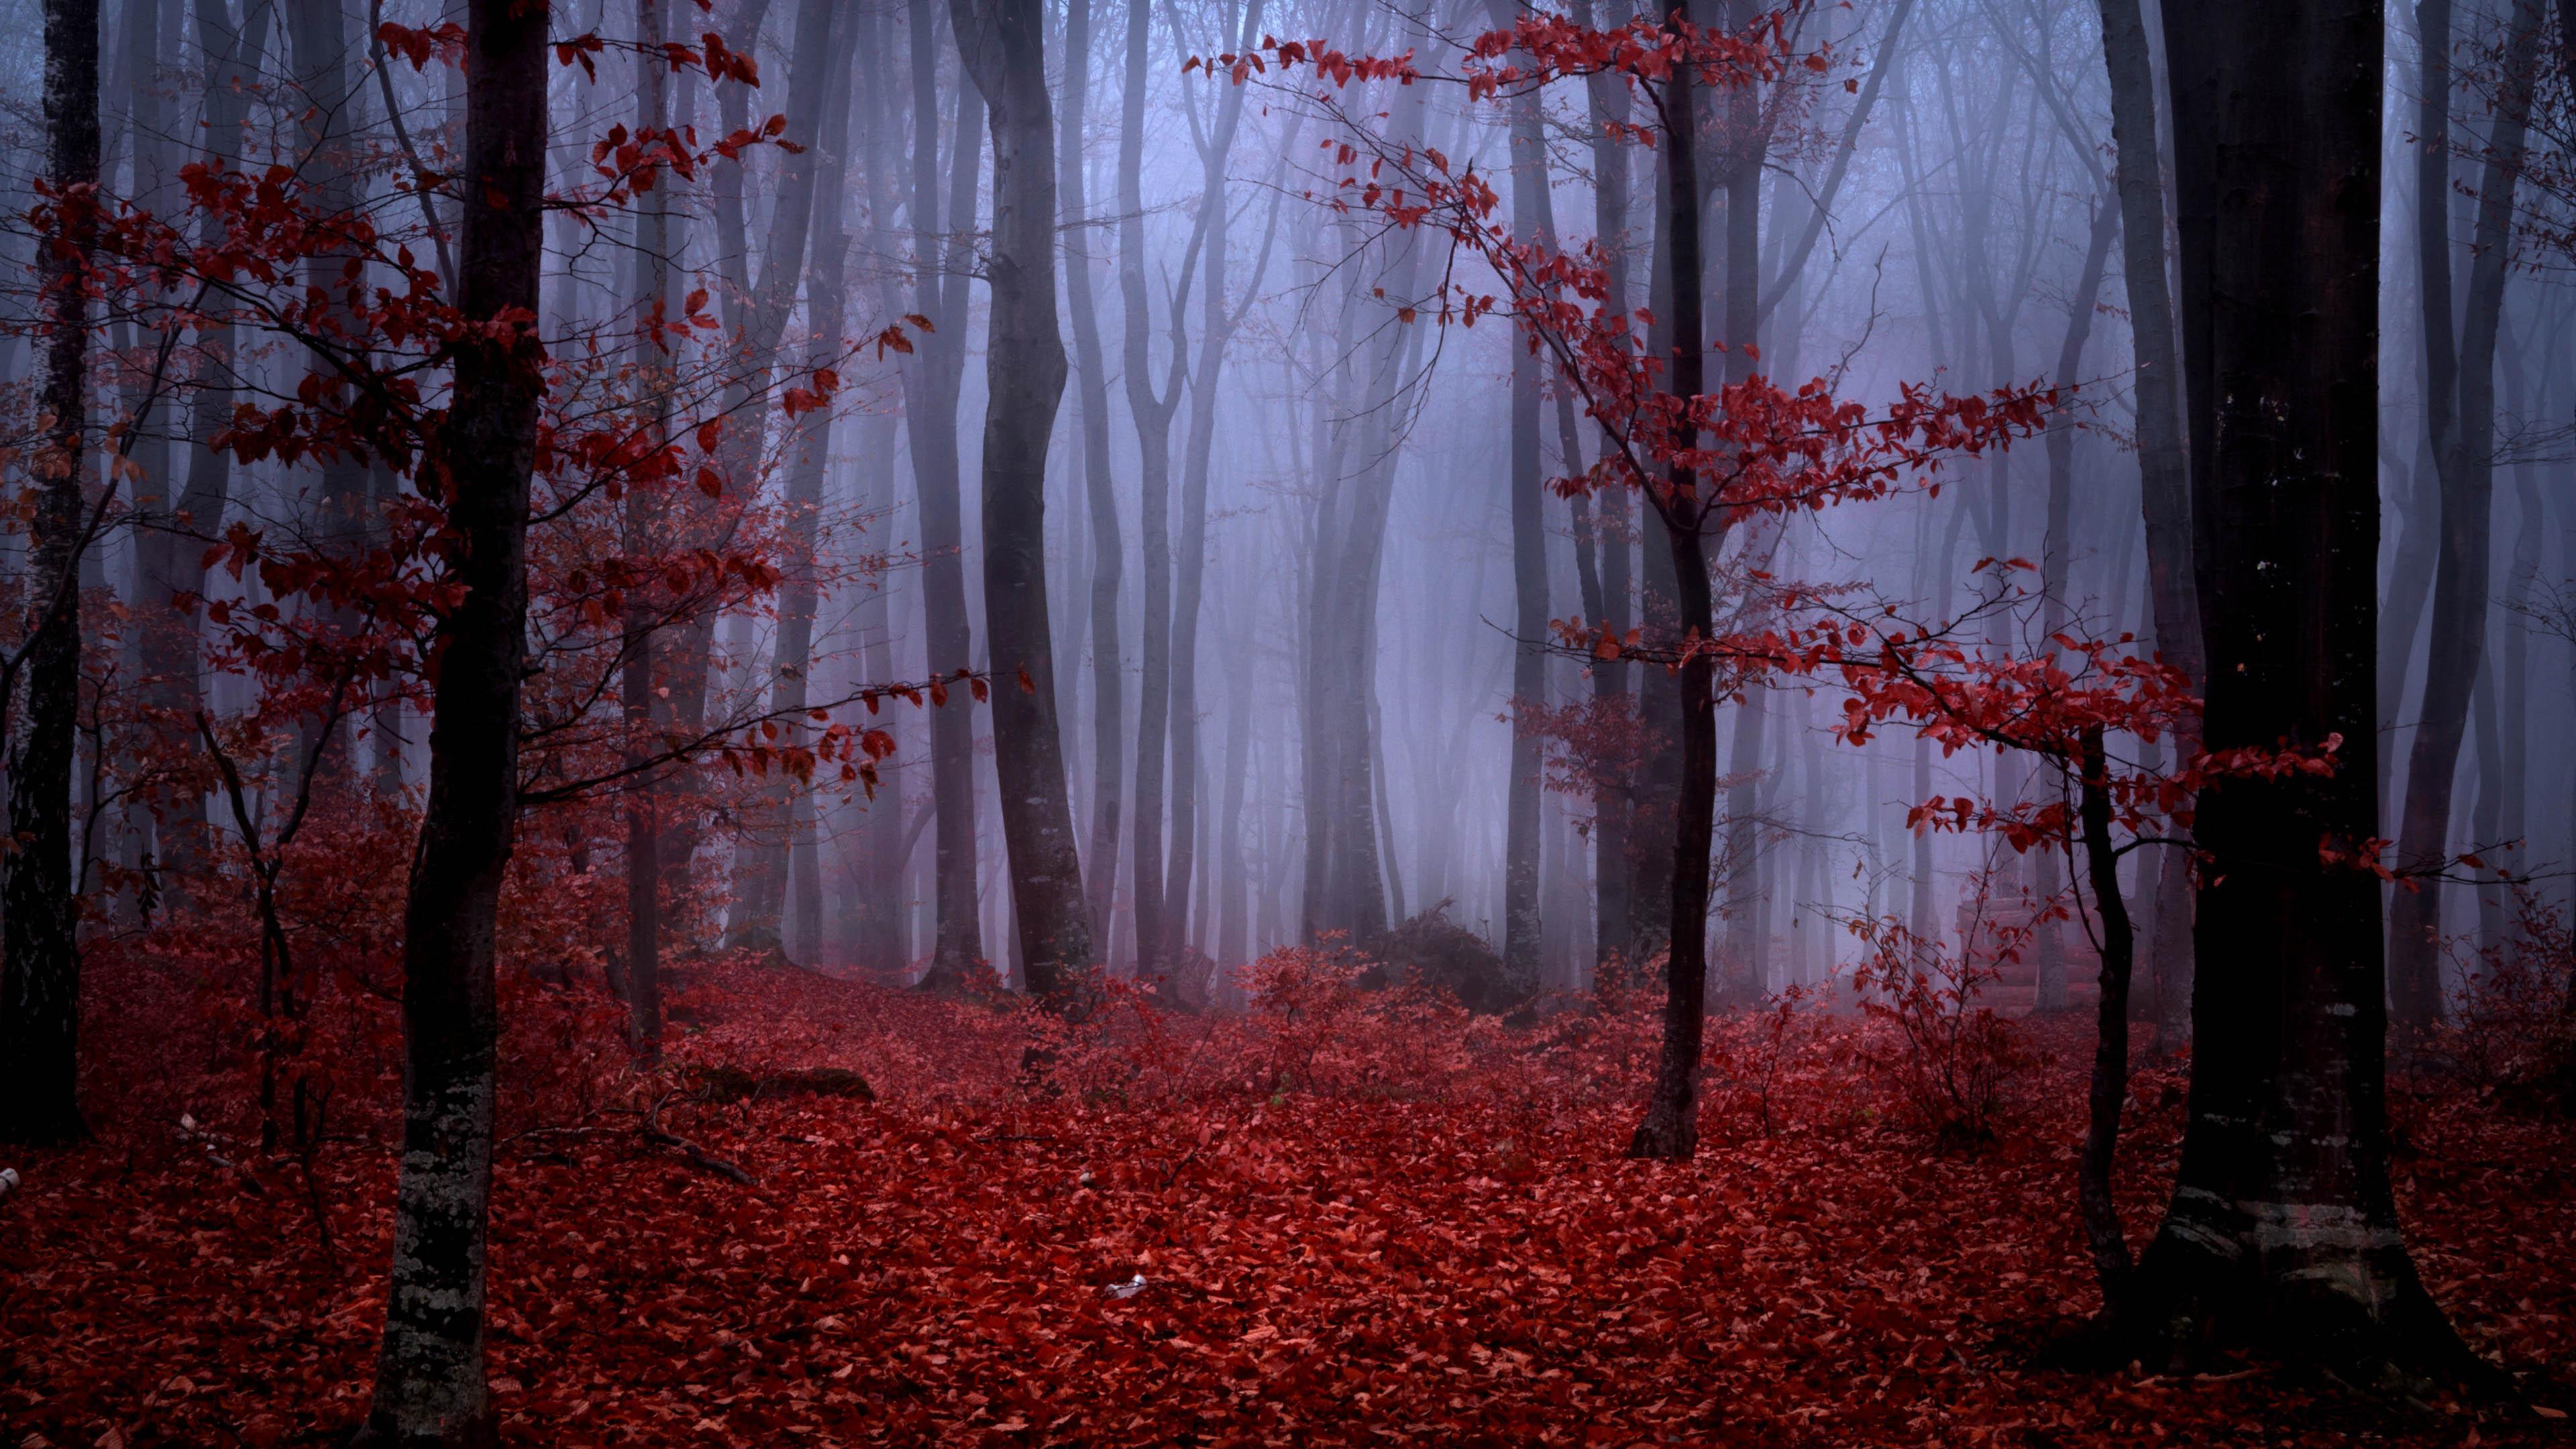 风景大片,秋意正浓,红叶,枫树,树林,森林